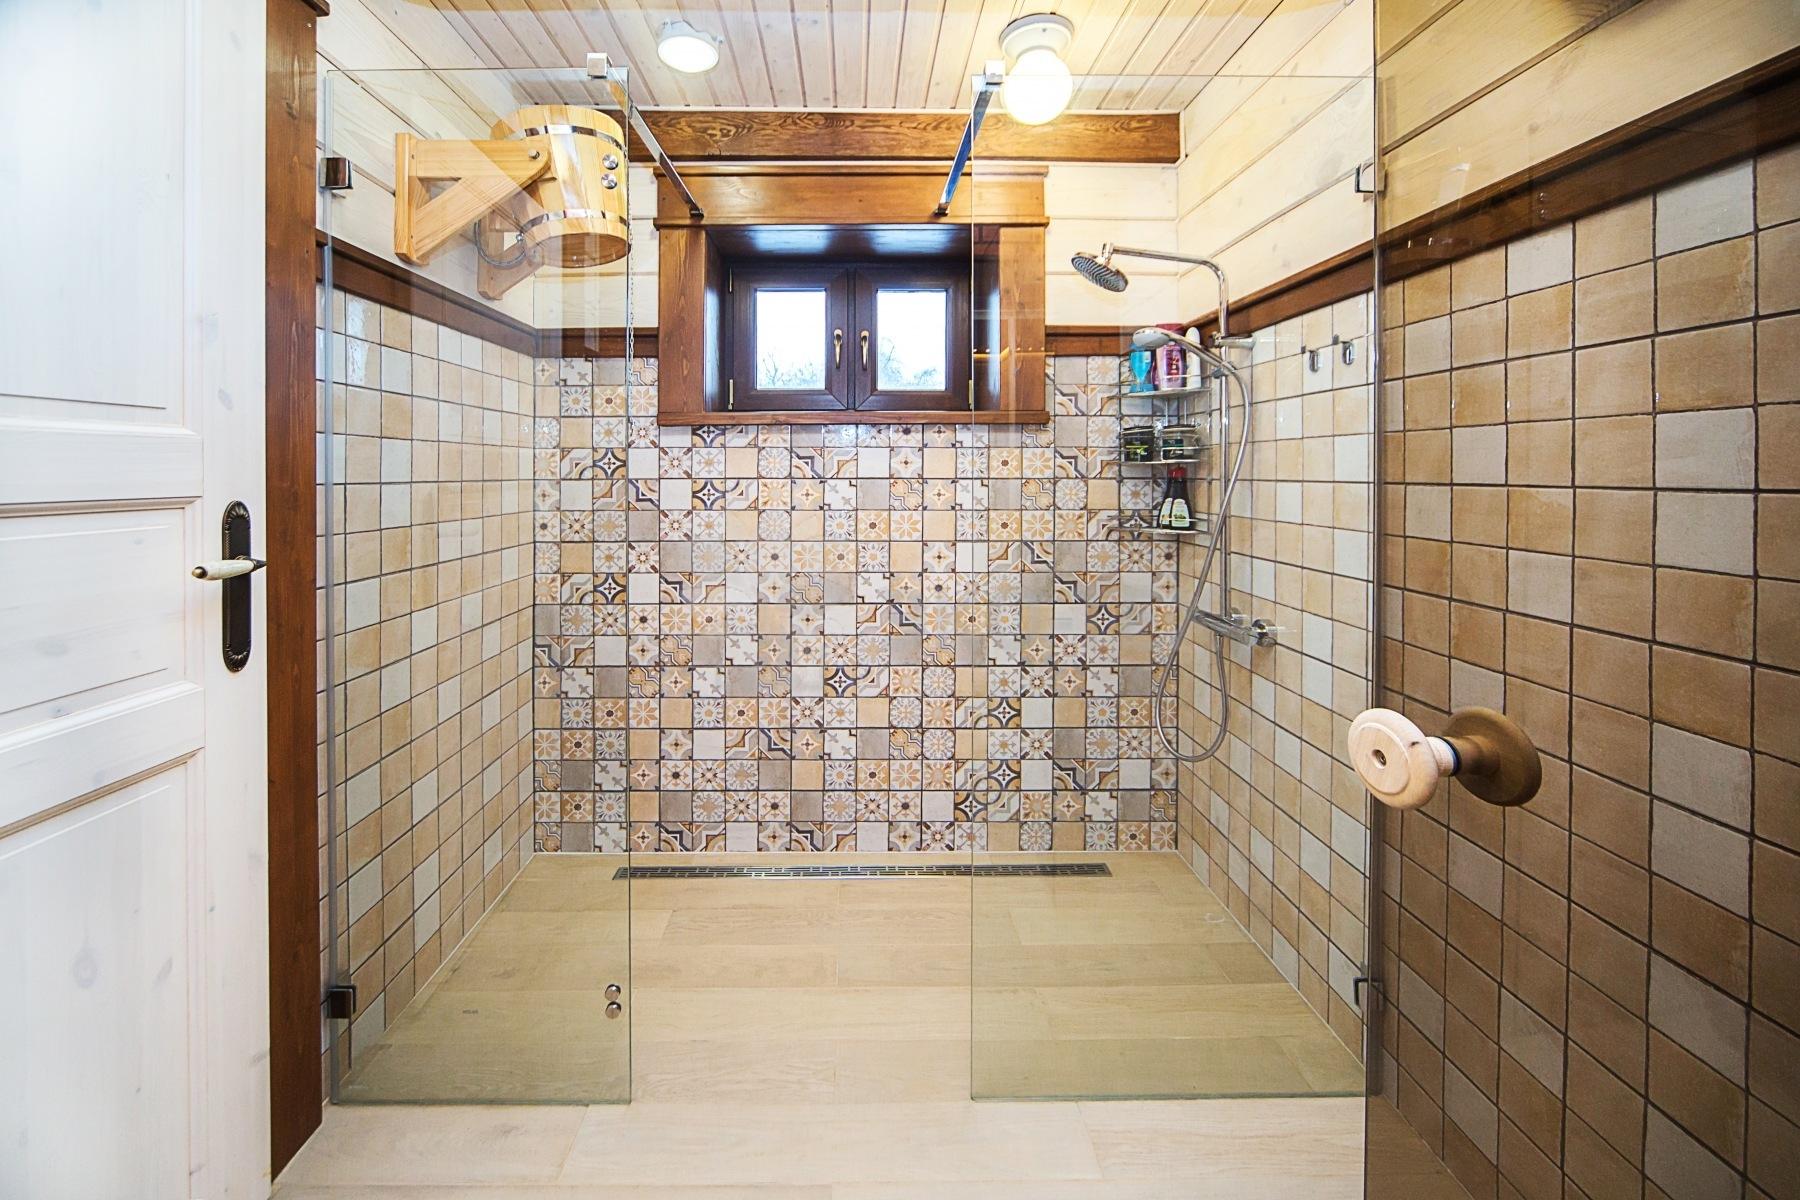 Как правильно сделать полы в бане и моечной своими руками, отделка под плитку в мойке, гидроизоляция, фото и видео